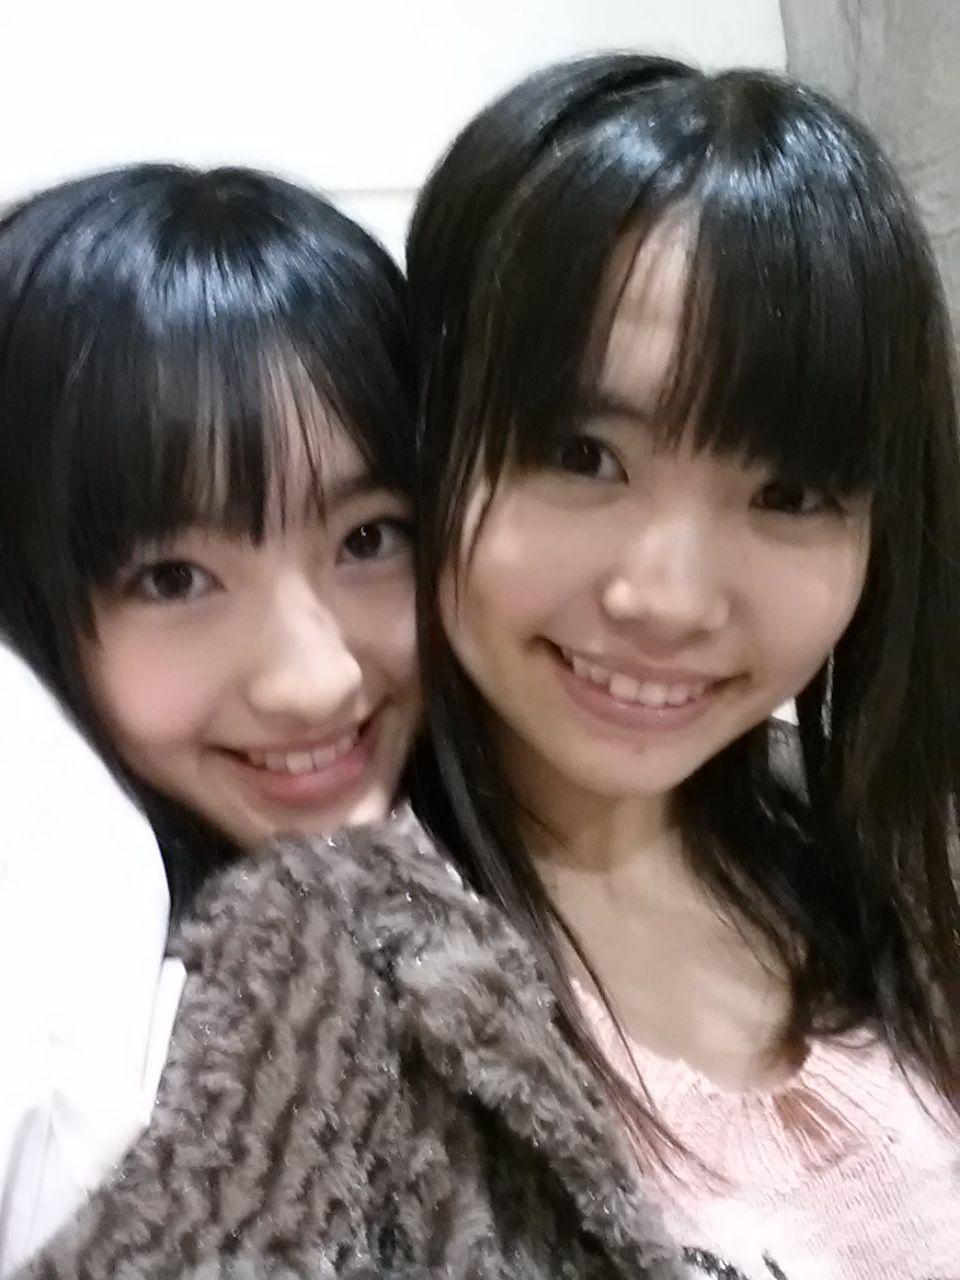 http://livedoor.blogimg.jp/otohaeika/imgs/d/5/d5bf6474.jpg